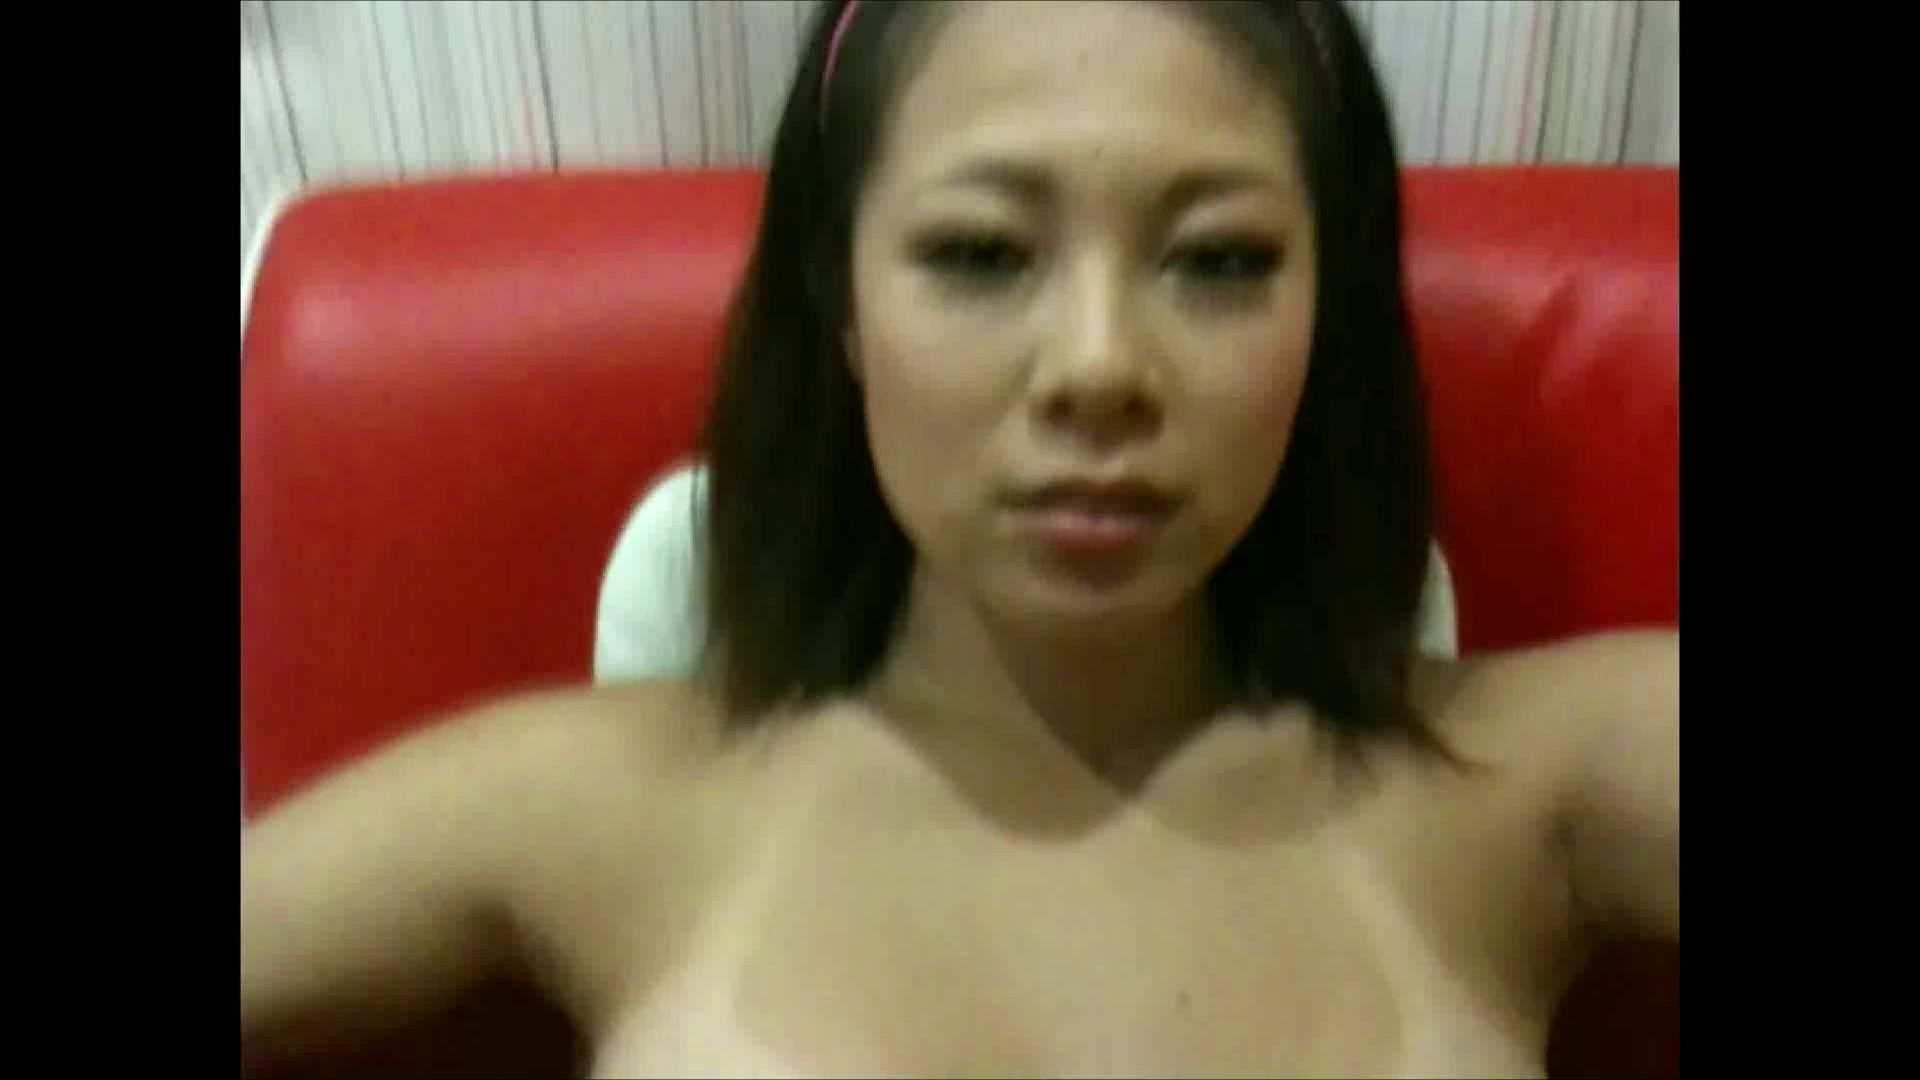 ビジョおな! Vol.09 美女ヌード セックス画像 87画像 78